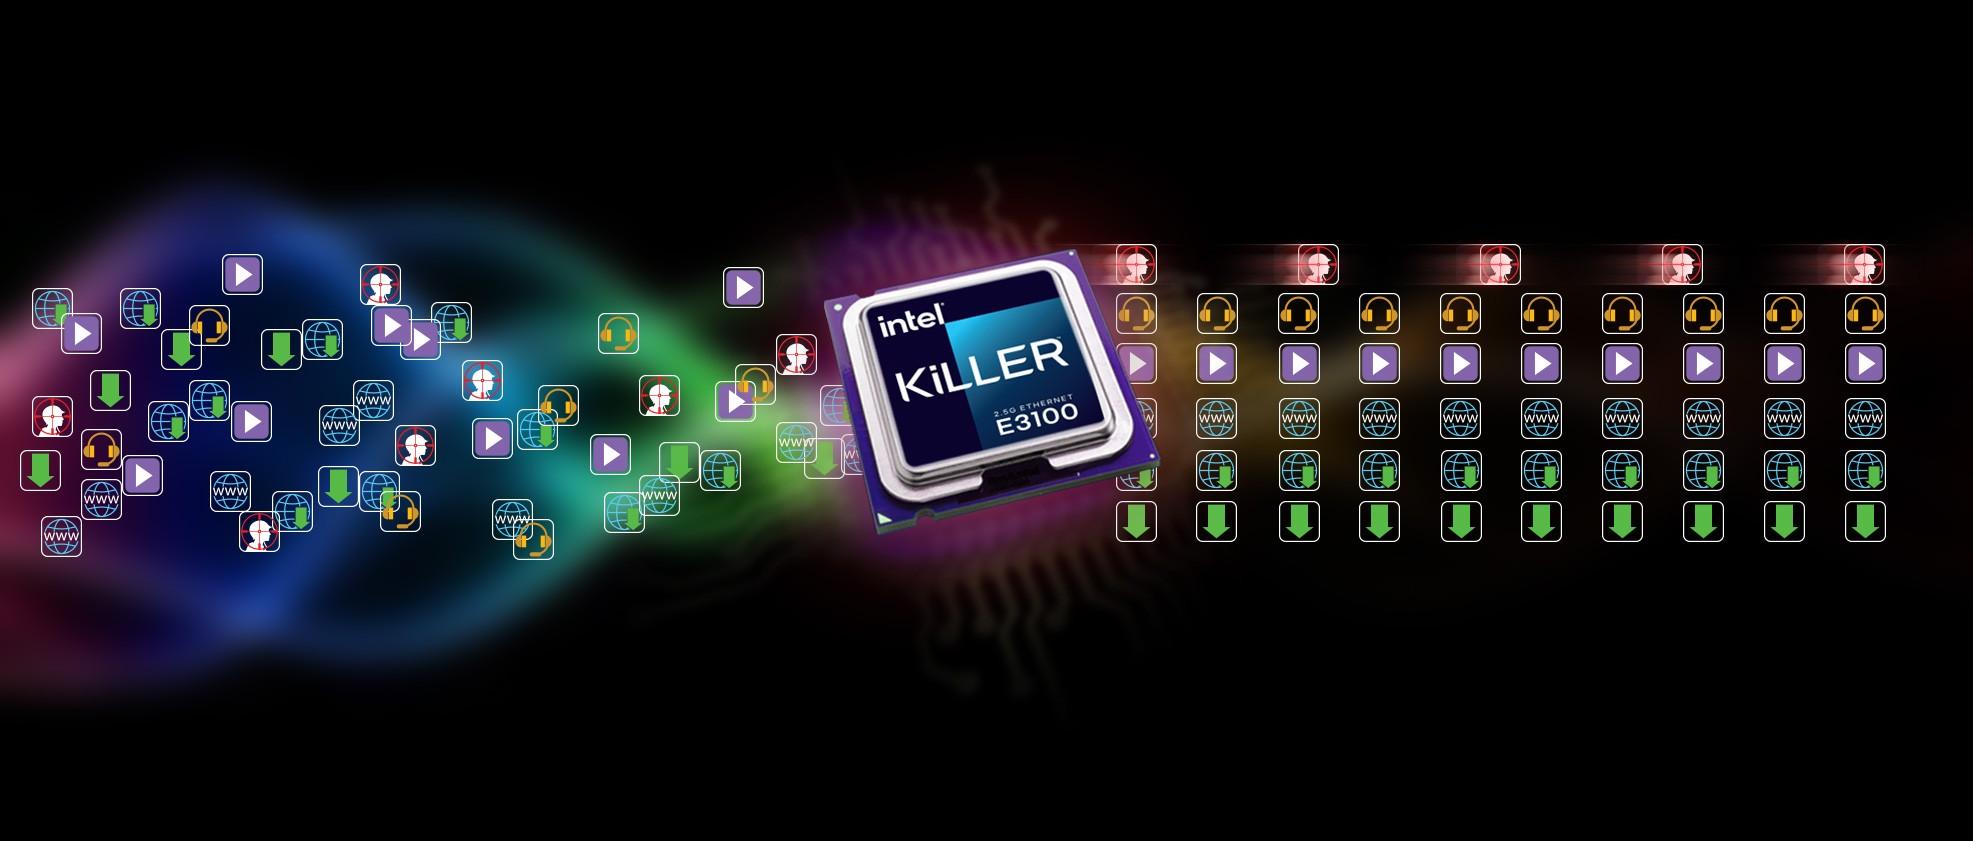 KILLERETHERNET E3100 DÀNH RIÊNG CHO CÁC GAME THỦ